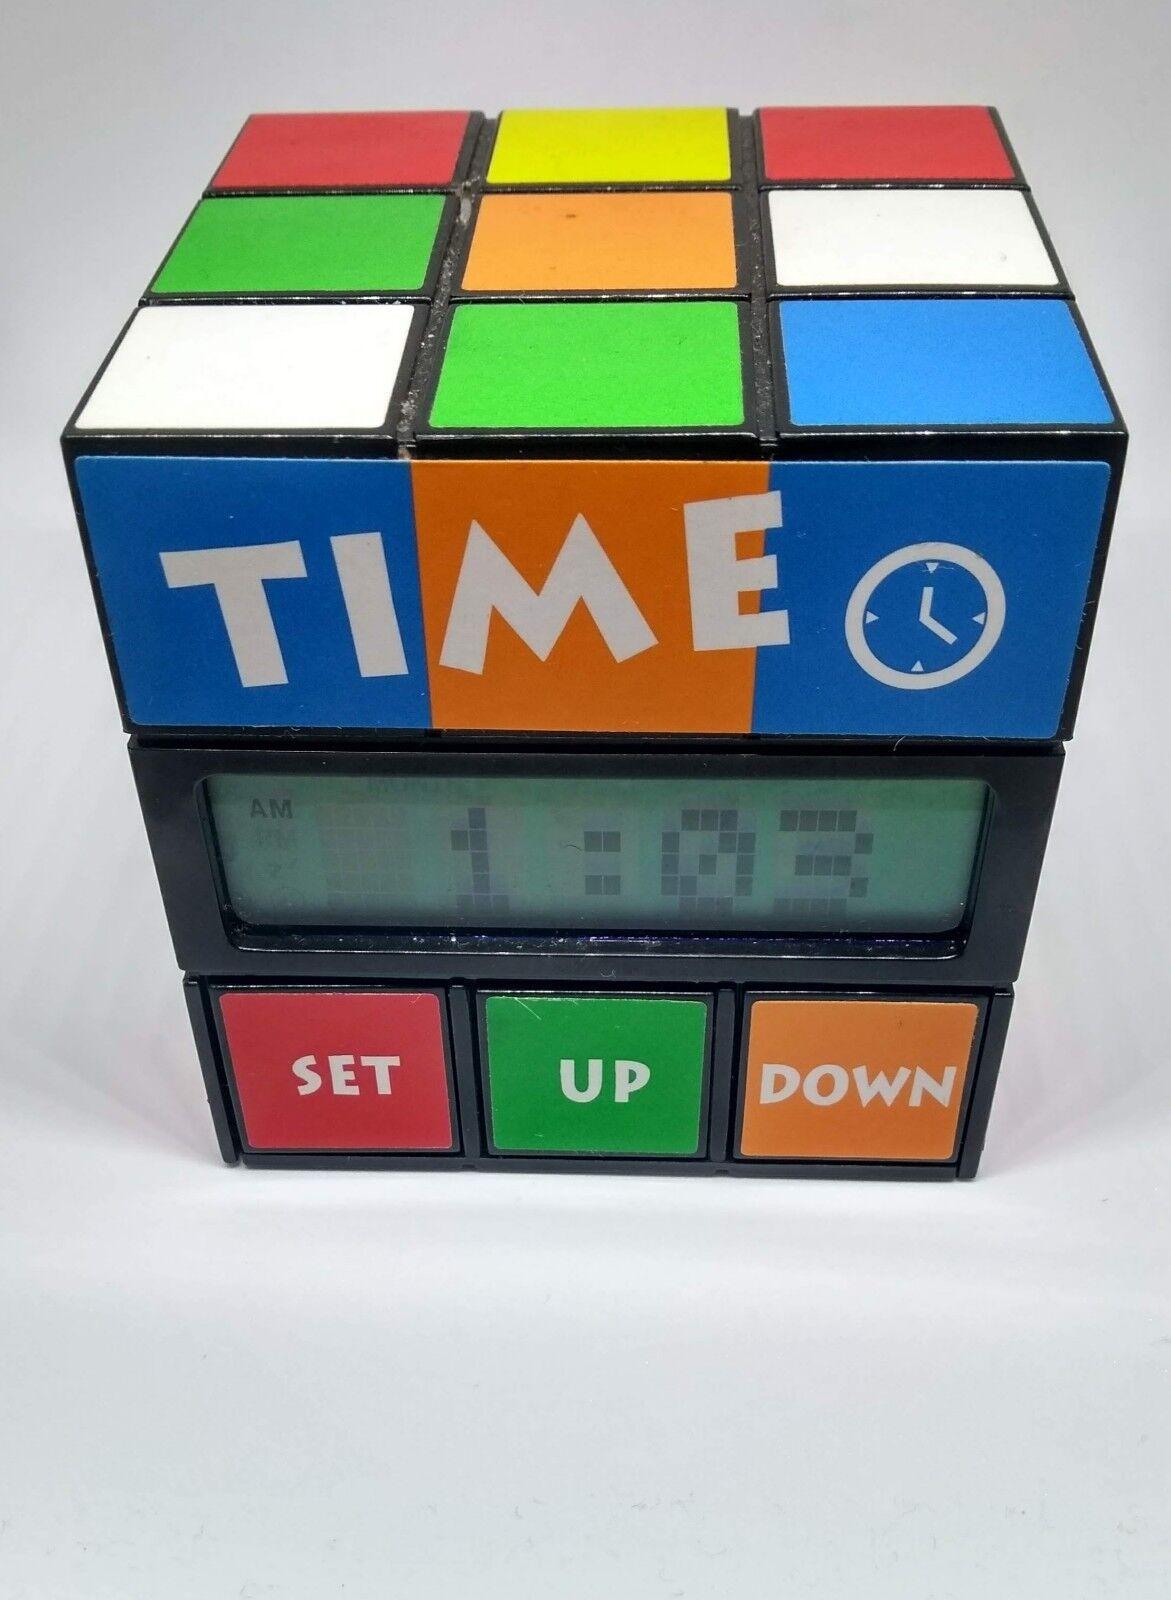 Heng Ai Yao Noël, coeur vraiHommes t chaud Rubiks Cube Twisting réveil avec date et température Nouveauté | Prix Très Raisonnable  | Nouveau Produit  | Elaborer  | De Gagner Une Grande Admiration